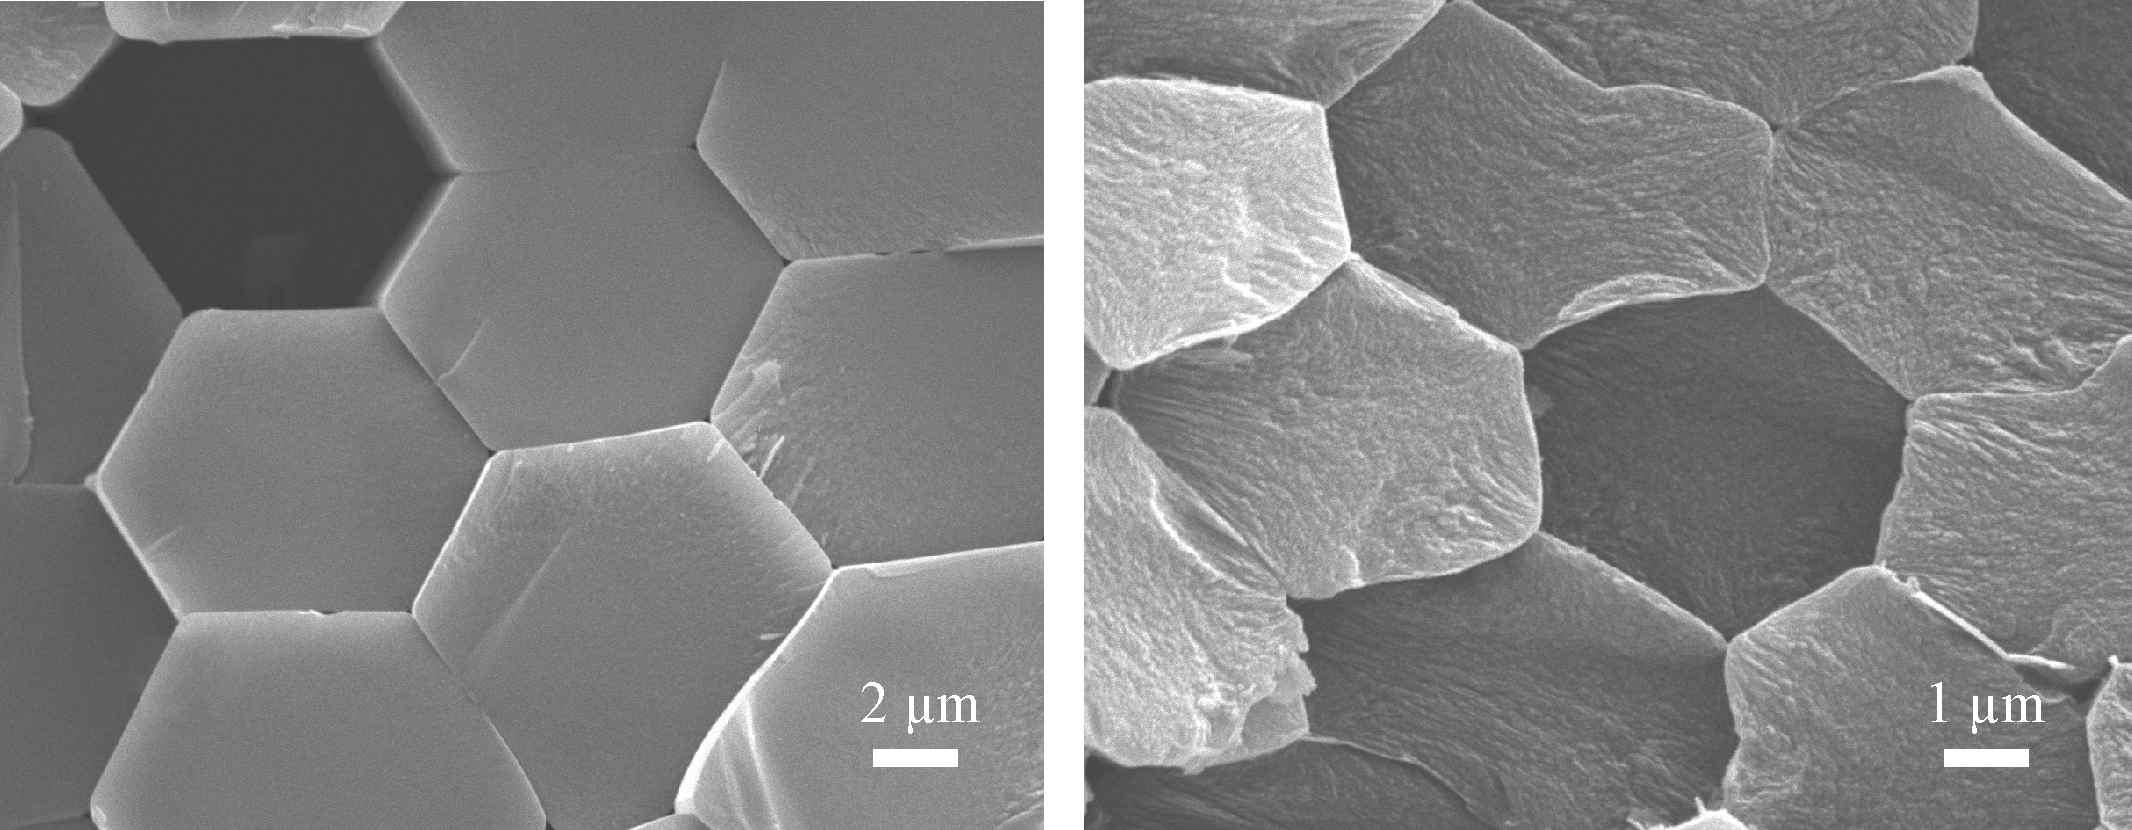 Сечение, перпендикулярное волокнам в однокомпонентных материалах с однонаправленной структурой. Слева материал из стеклянных (базальтовых) волокон, справа - из углеродных волокон.